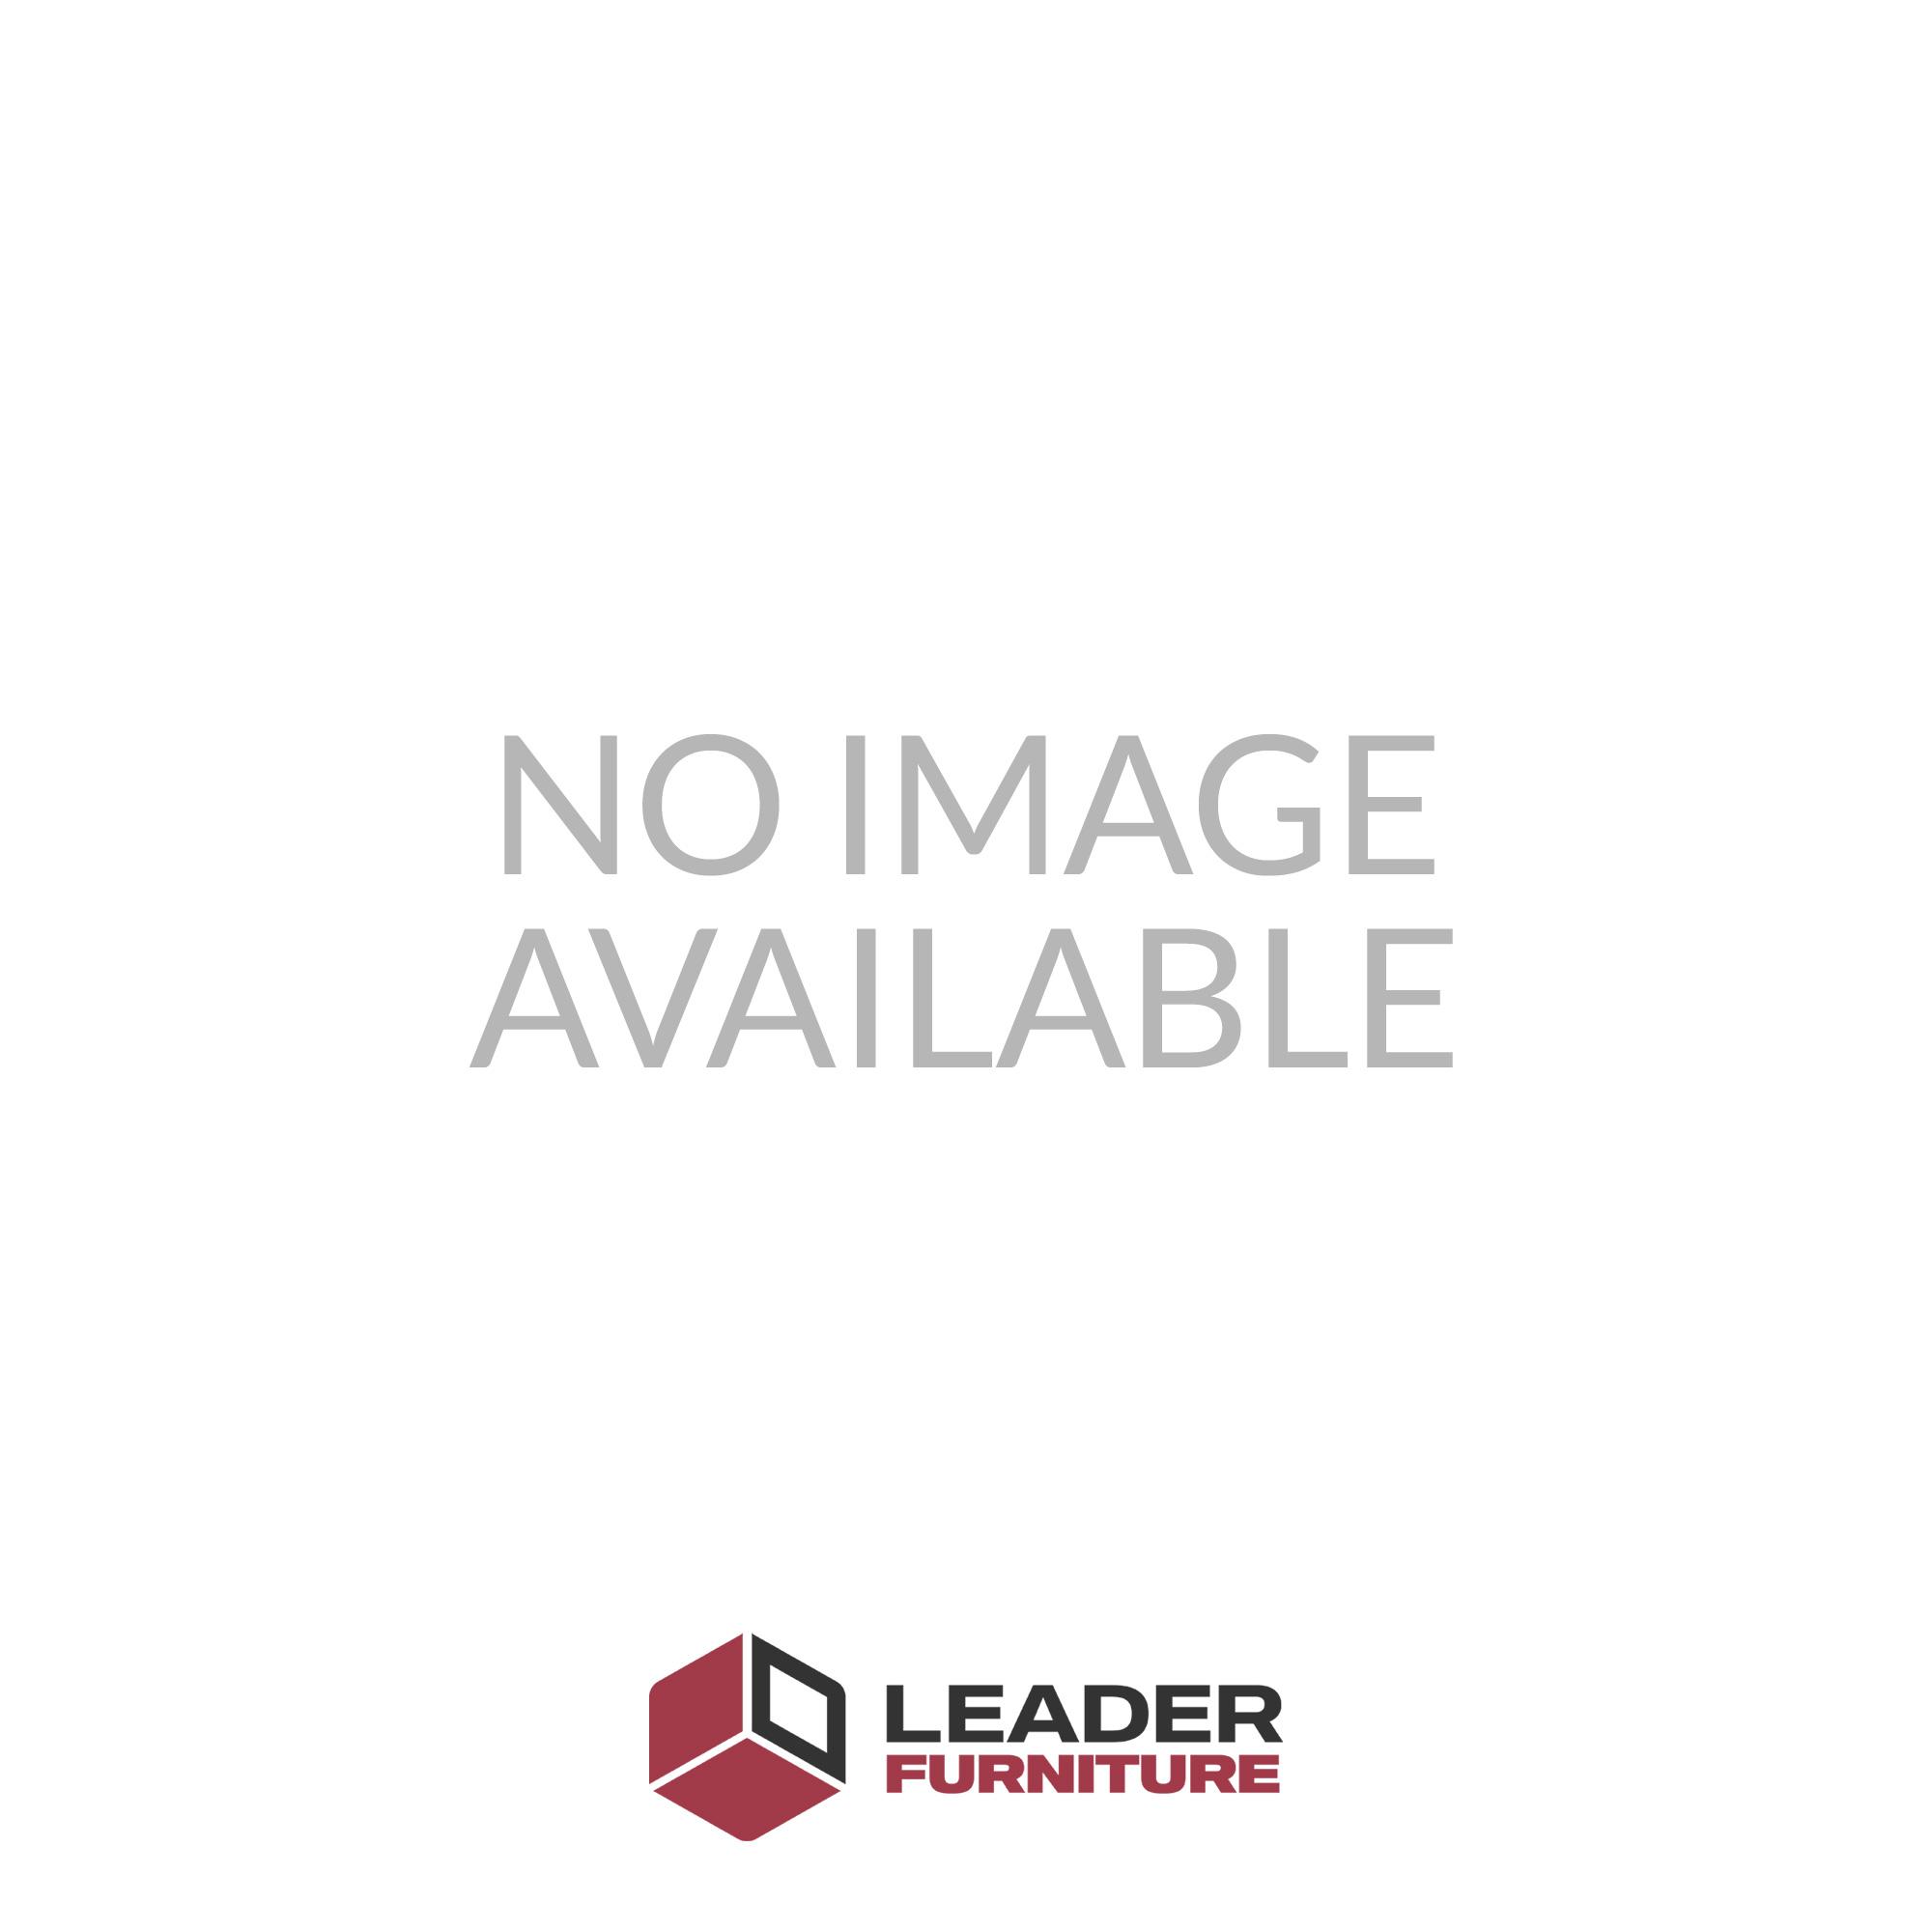 Planked Laminate Flooring Planked Laminate Floors